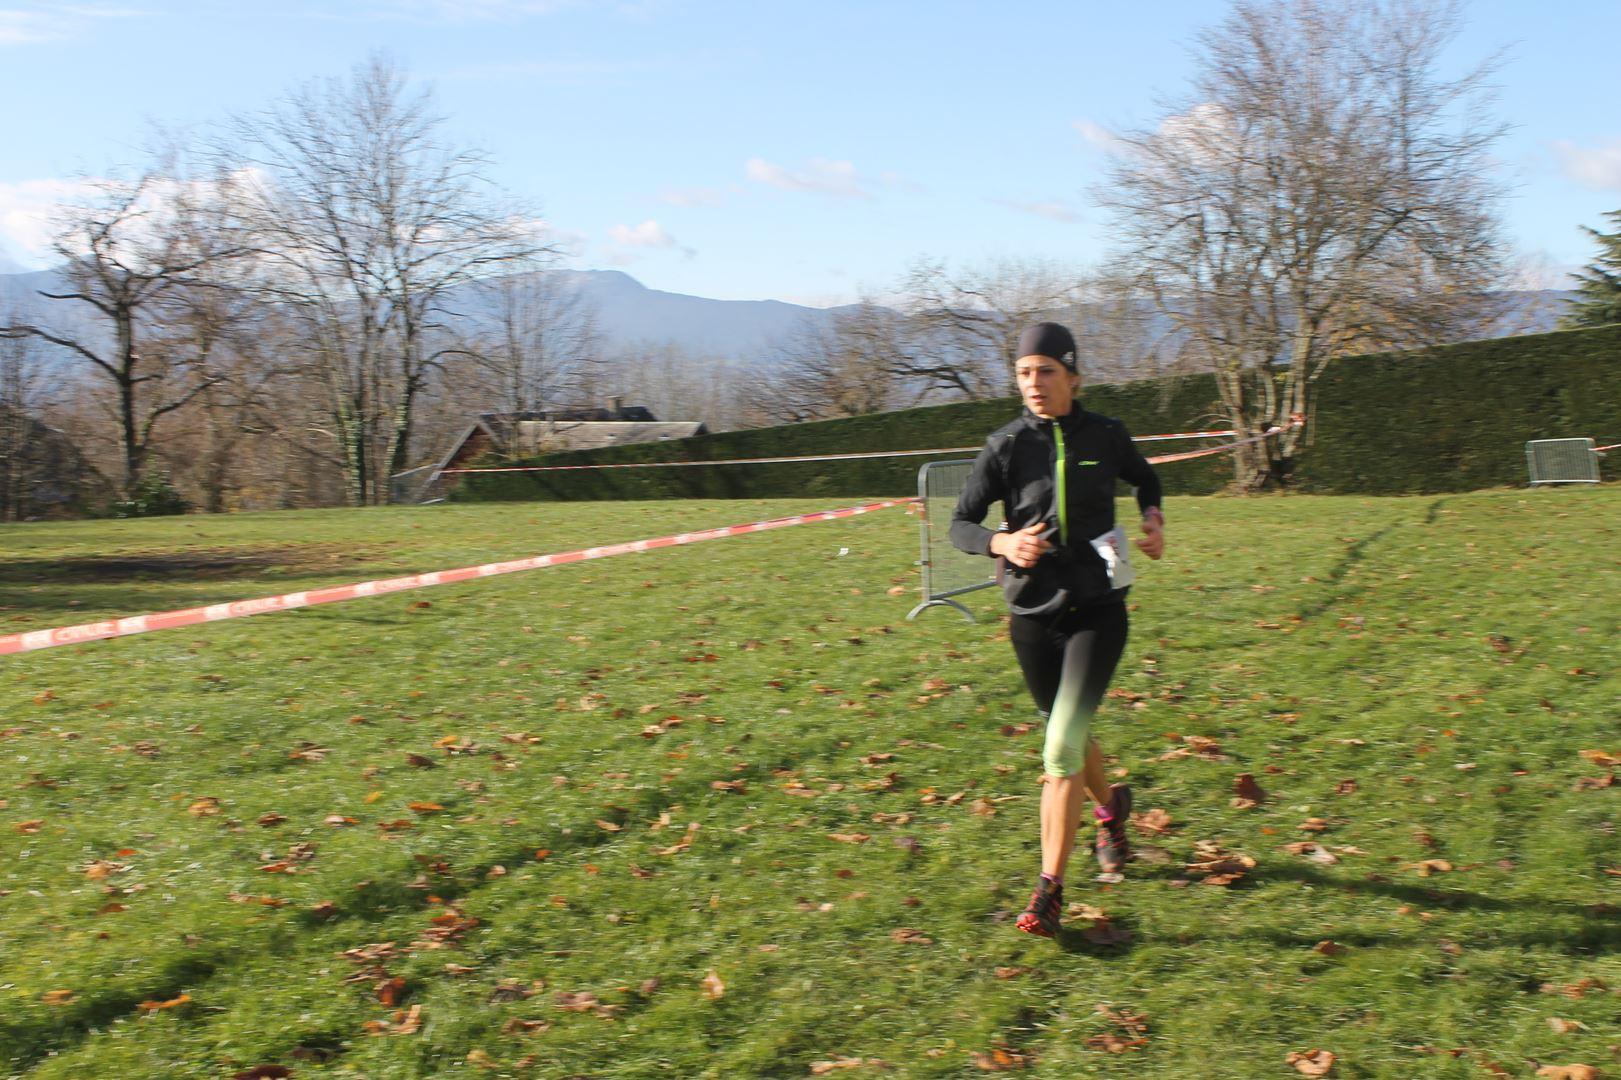 virginie challamel 2ème femme du 23km - RESULTATS ET COMPTE RENDU DE LA SANGERUN 26-11-2017 SAINT JEAN D'ARVEY (73)